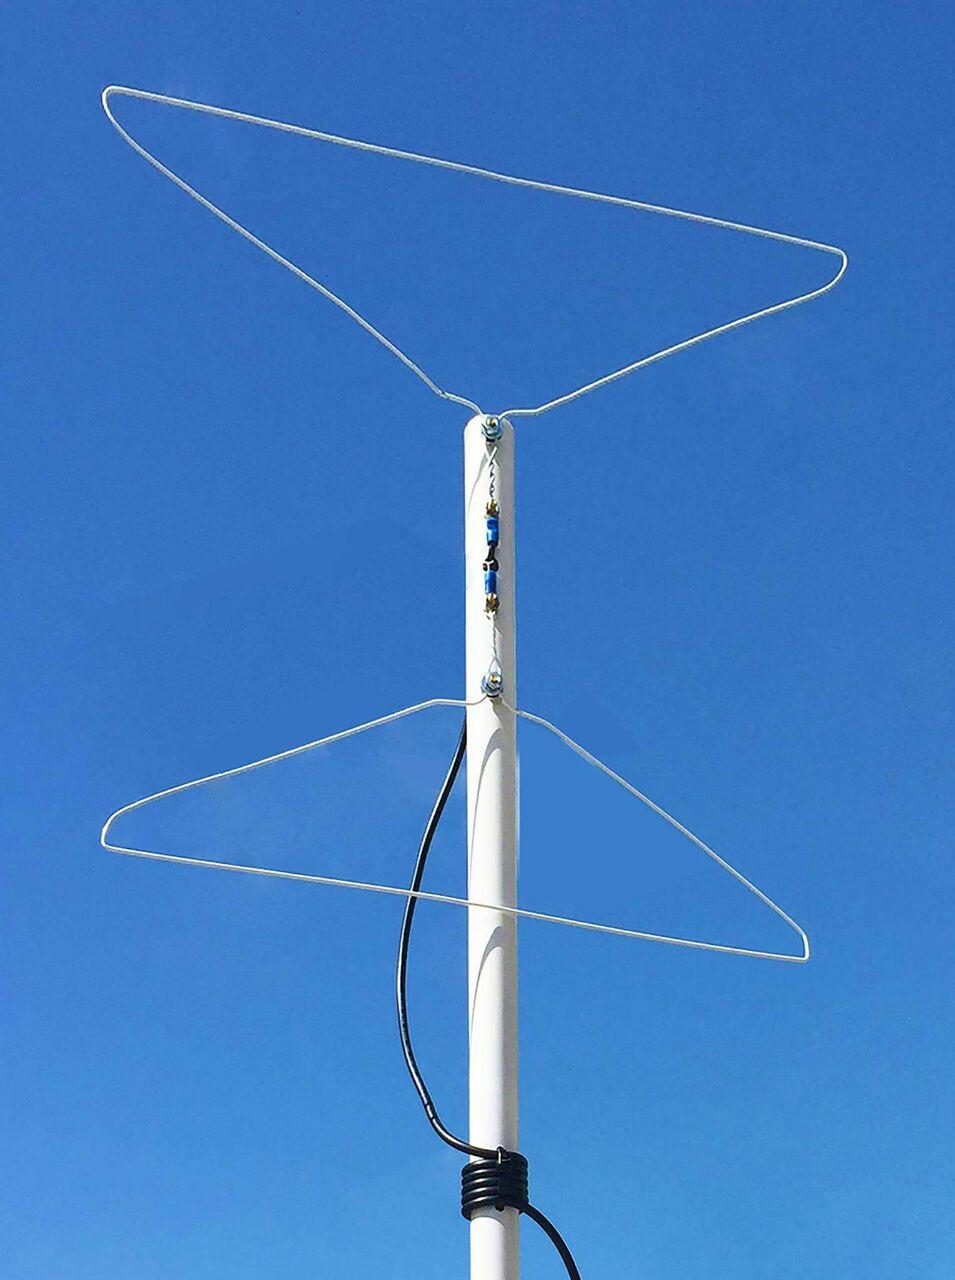 Antena con ganchos